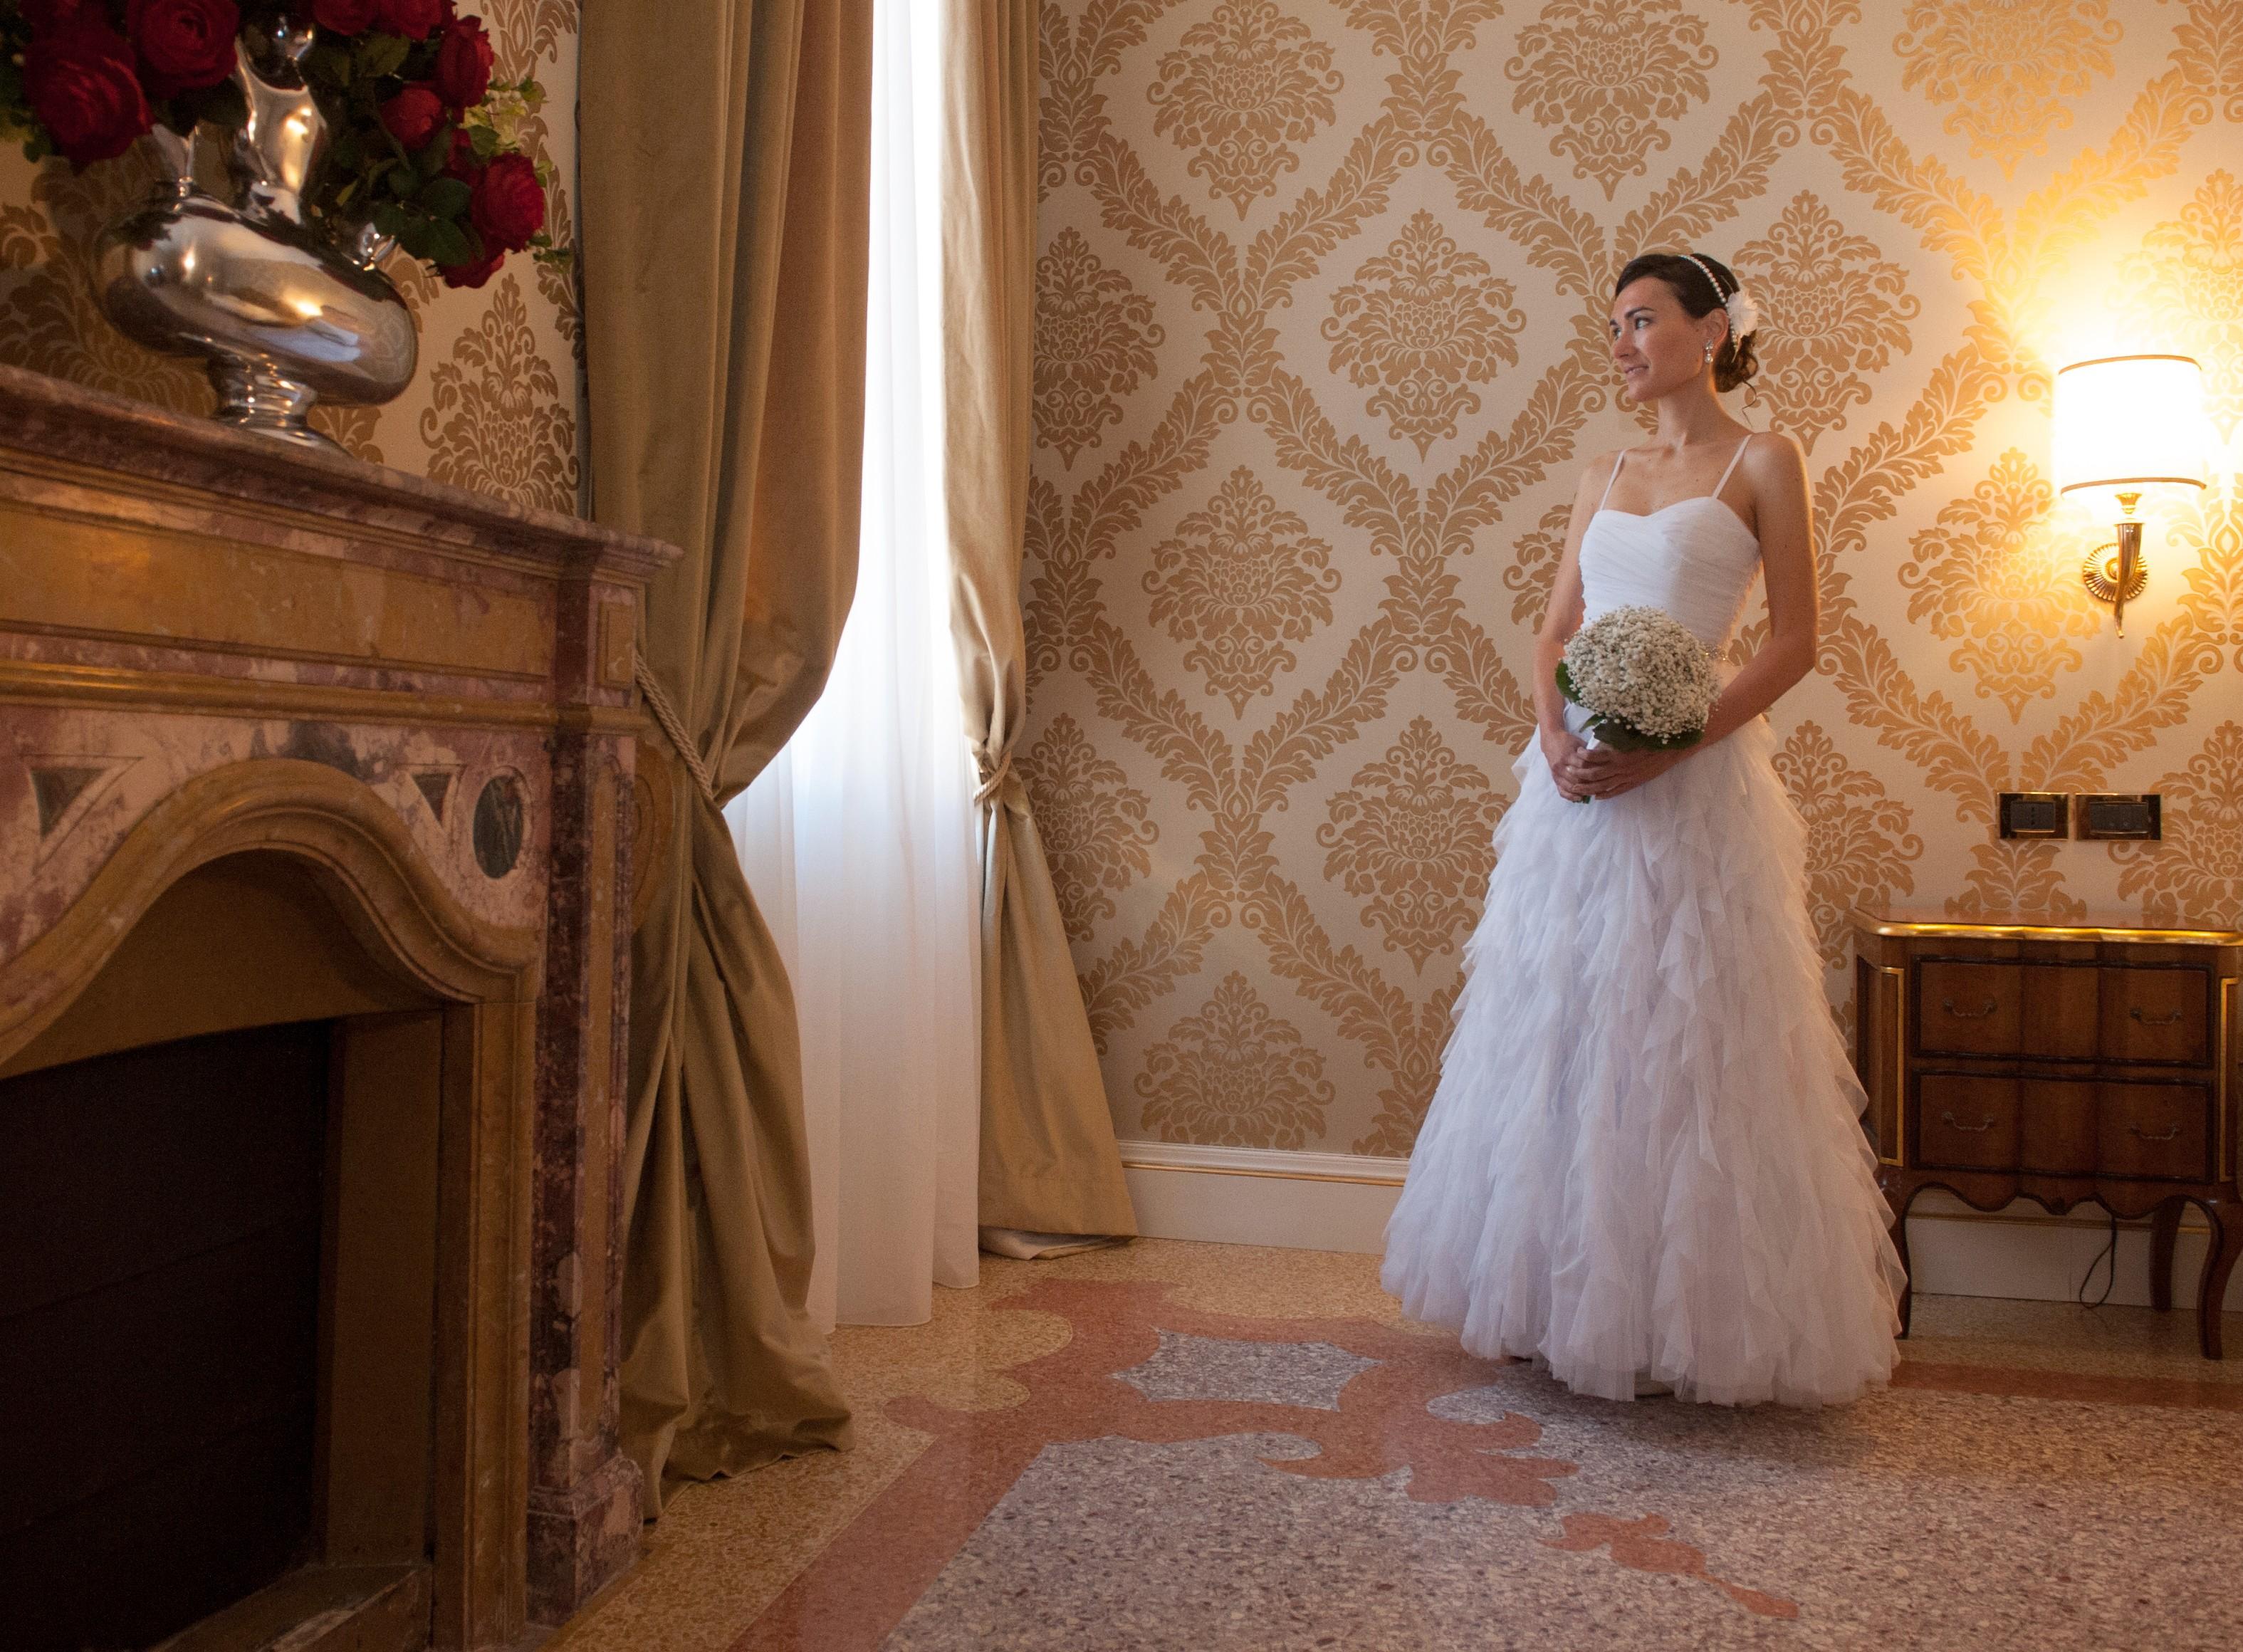 Mon mariage civil à Venise : les préparatifs du matin et la découverte !